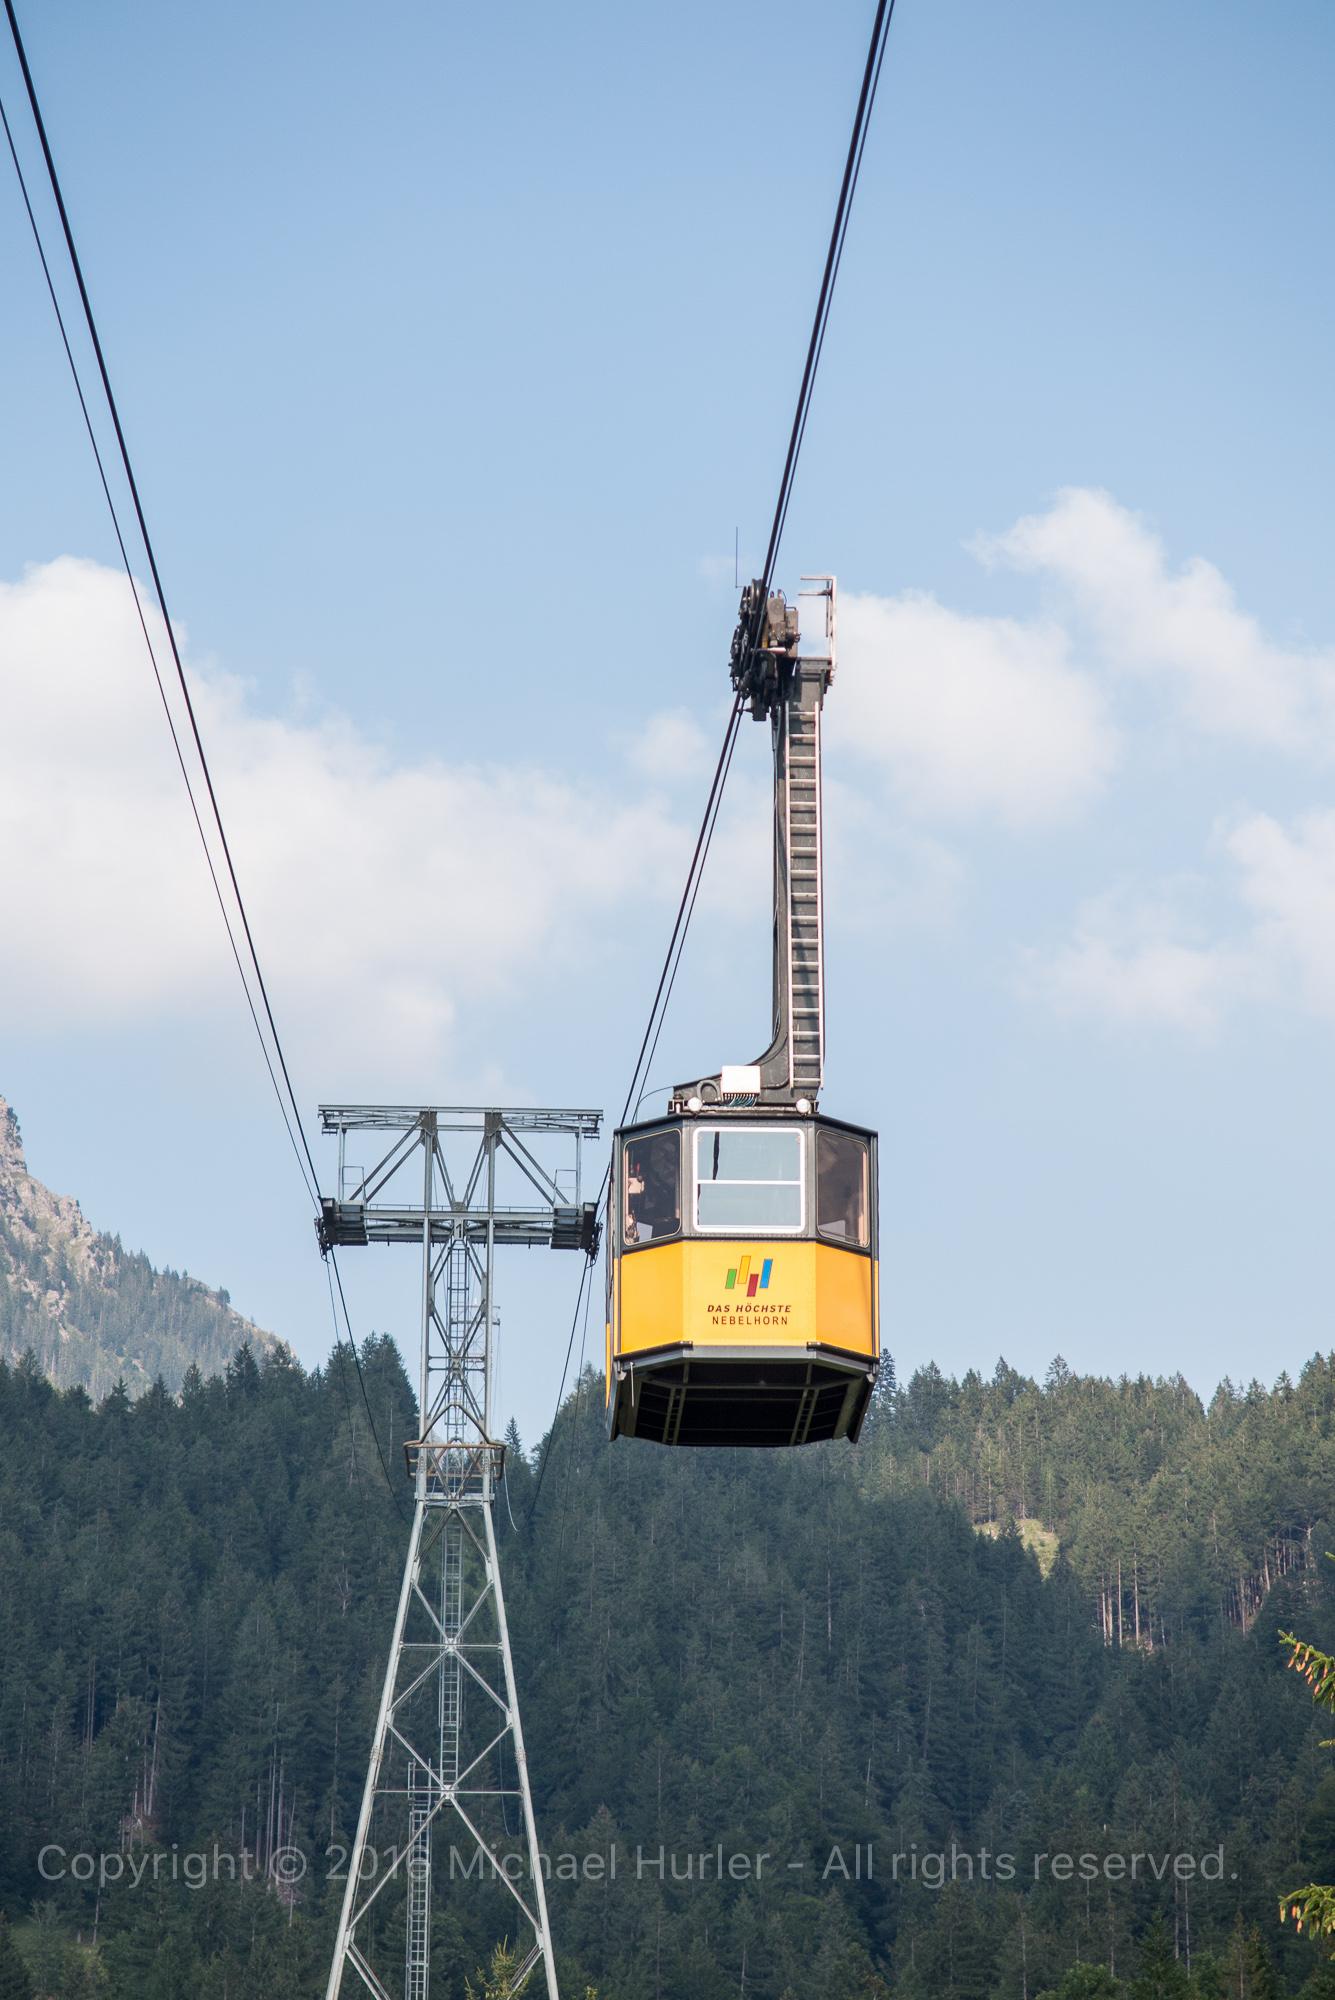 11.08.2015, Oberstdorfurlaub, Urlaubsbeginn